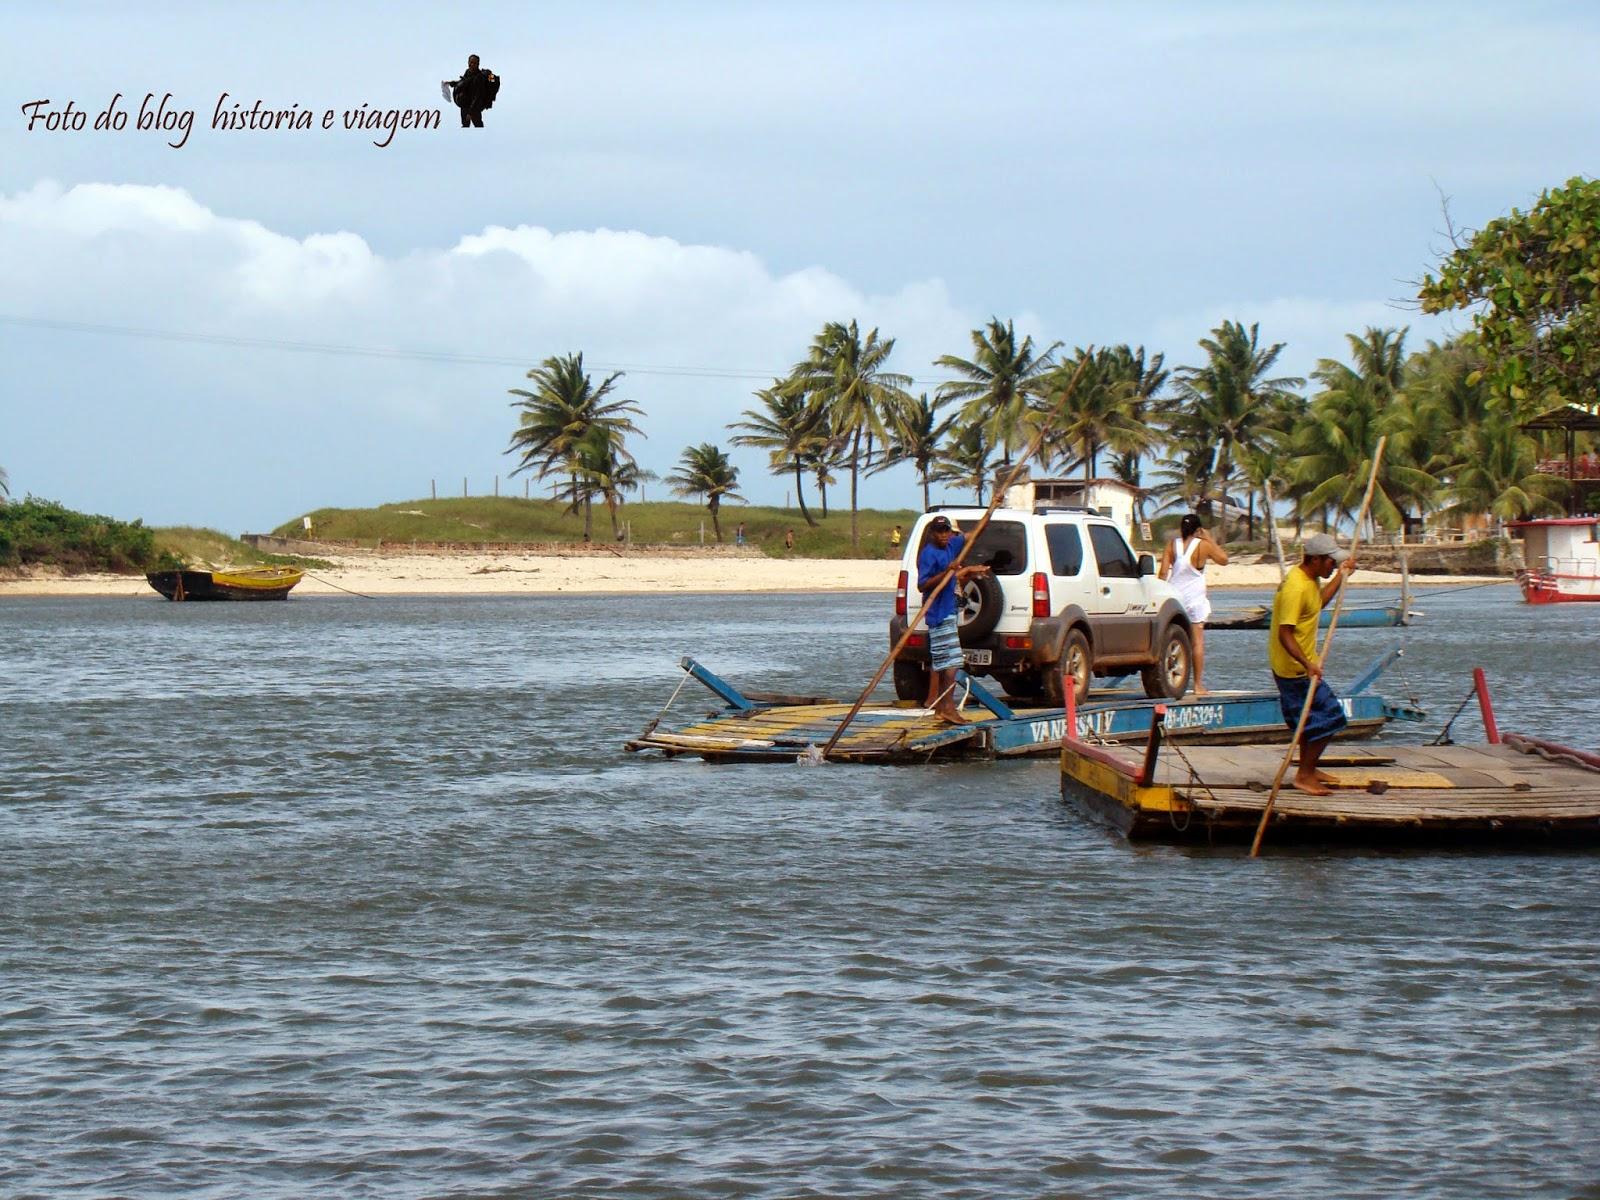 Praia da Pipa - Rio Grande do Norte